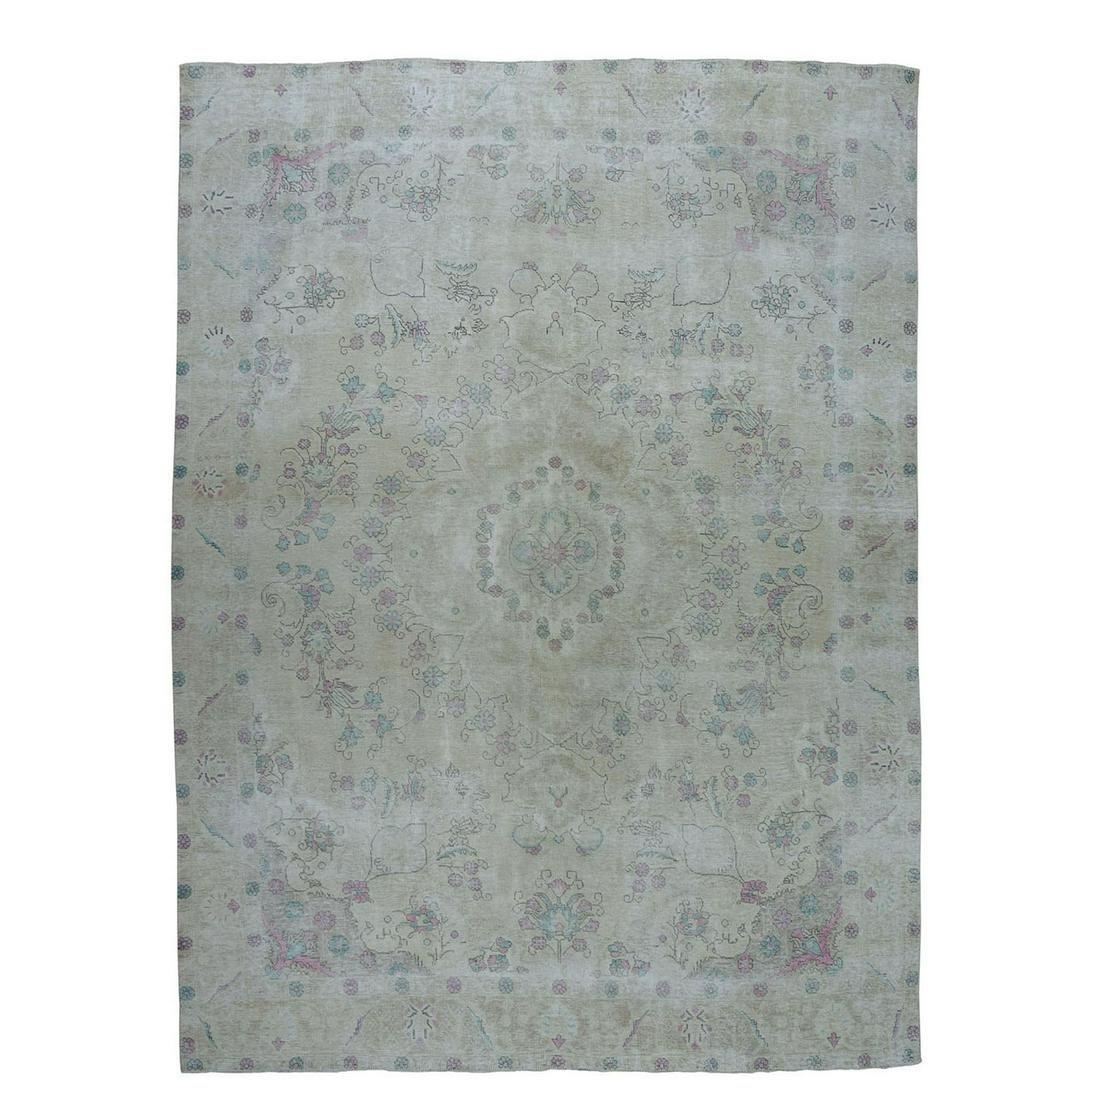 Vintage White Wash Tabriz Worn Wool Hand-Knotted